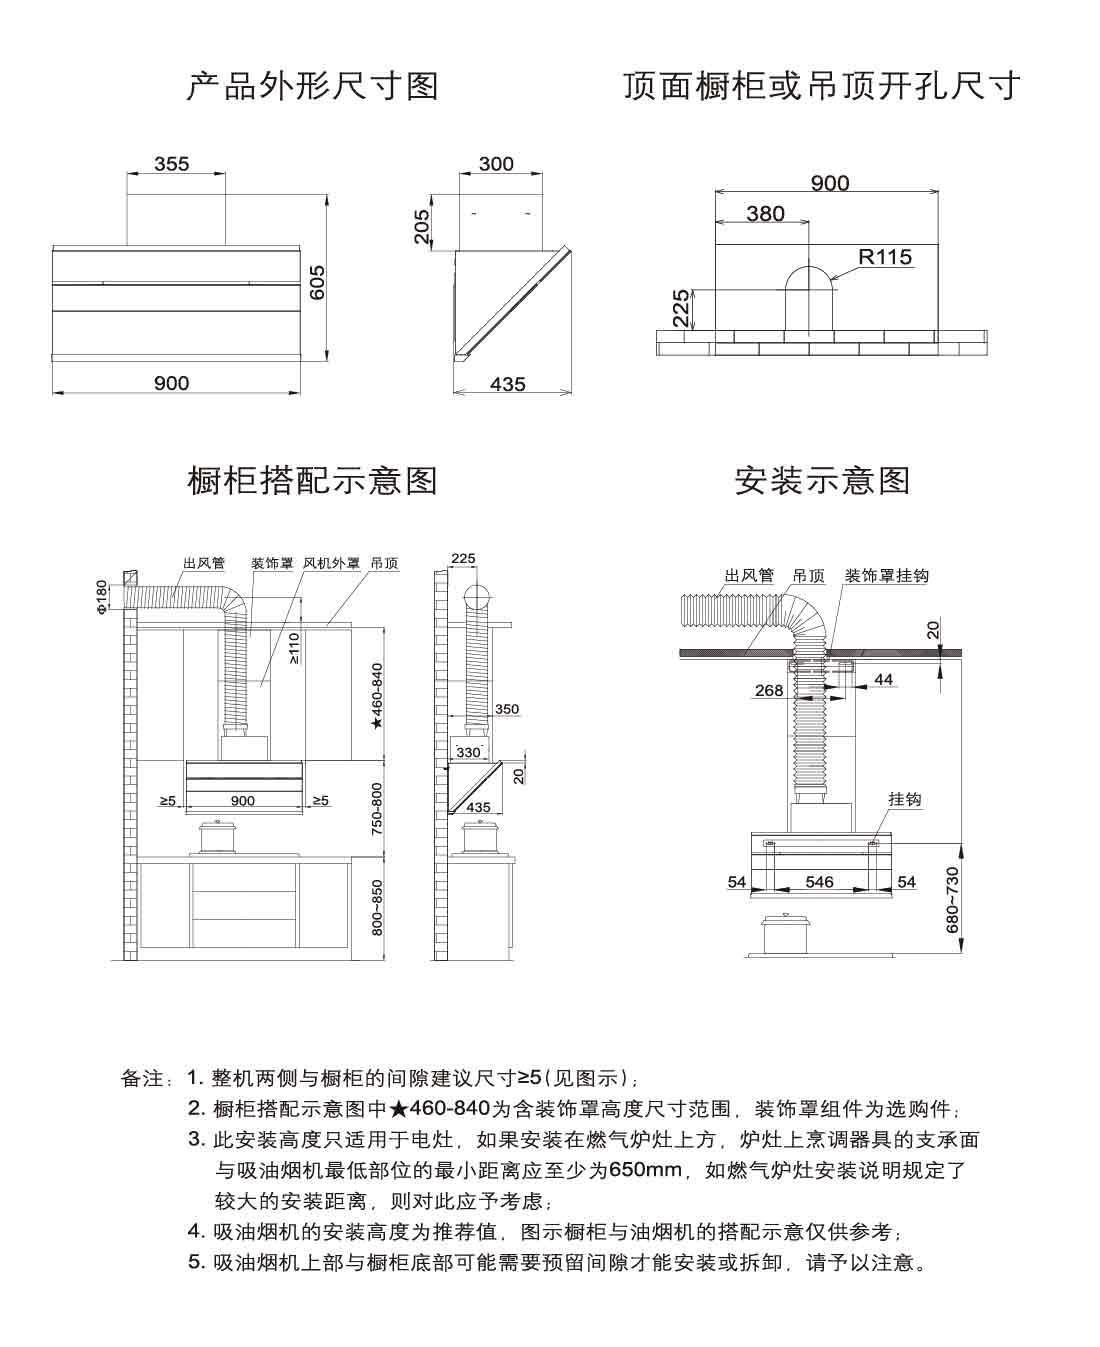 彩28彩票CXW-200-JQ22TS装置表示图